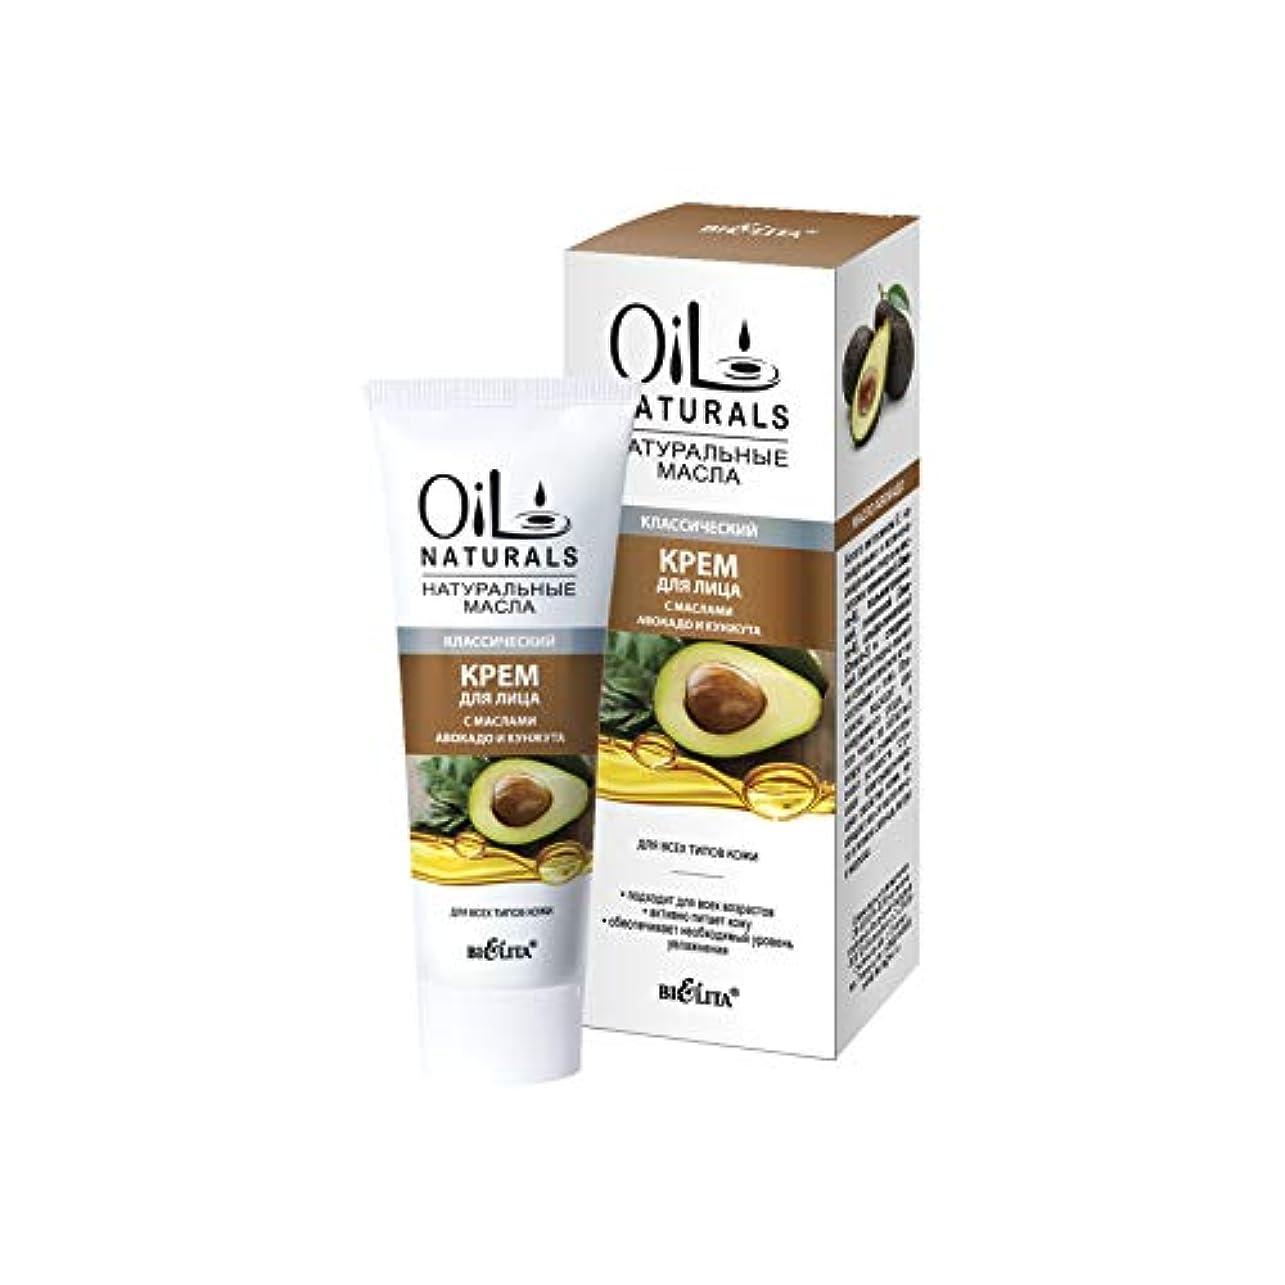 抵当テント鑑定Bielita & Vitex  Oil Naturals Line   Classic Moisturizing Face Cream, for All Skin Types, 50 ml   Avocado Oil,...